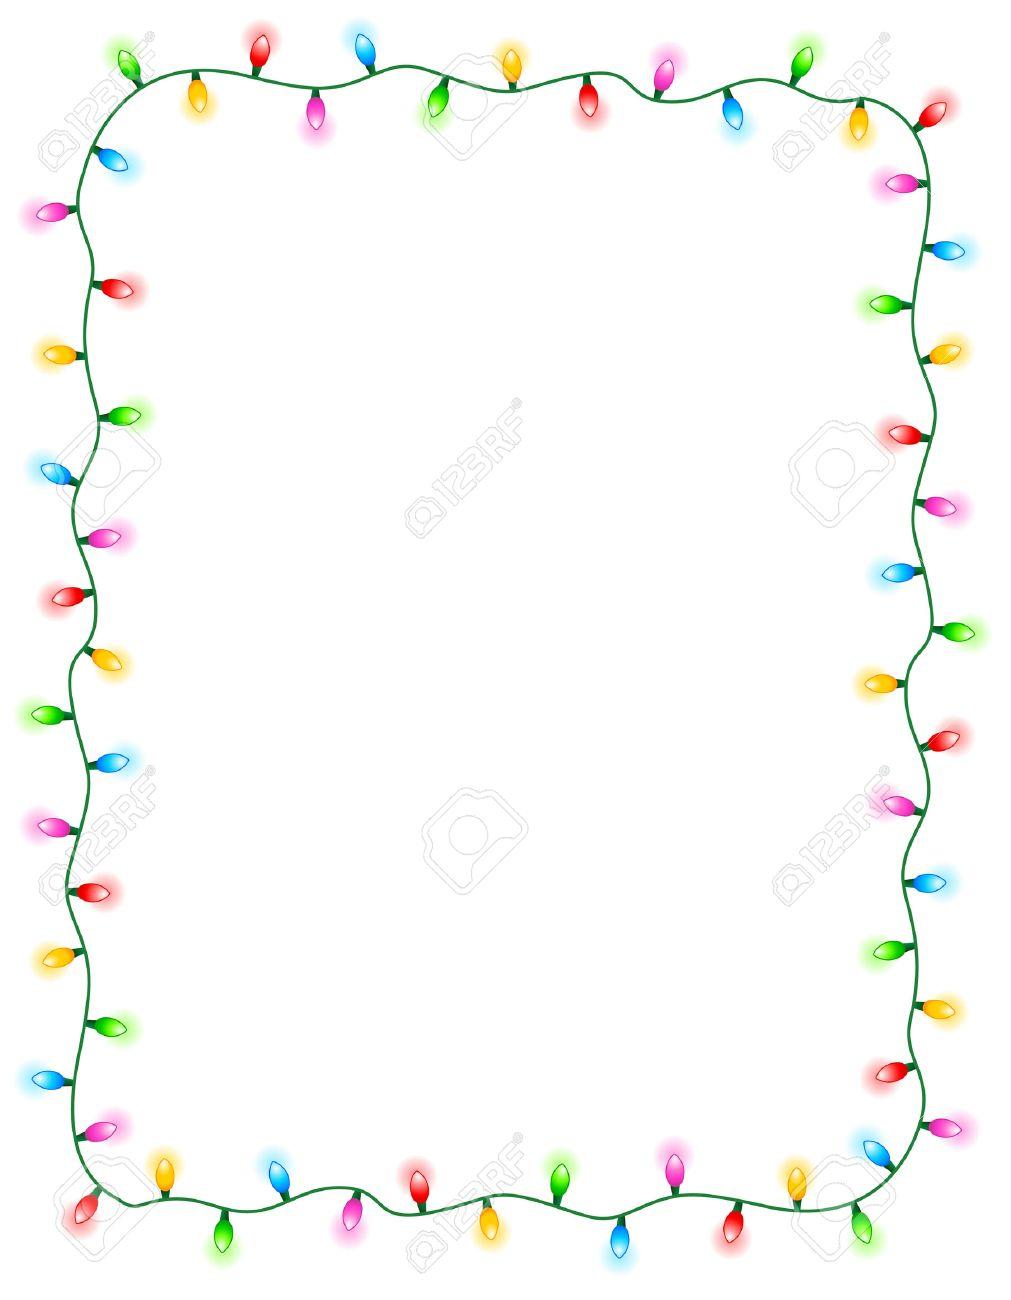 Colorful Glühend Weihnachtsbeleuchtung Grenze / Rahmen. Bunte ...